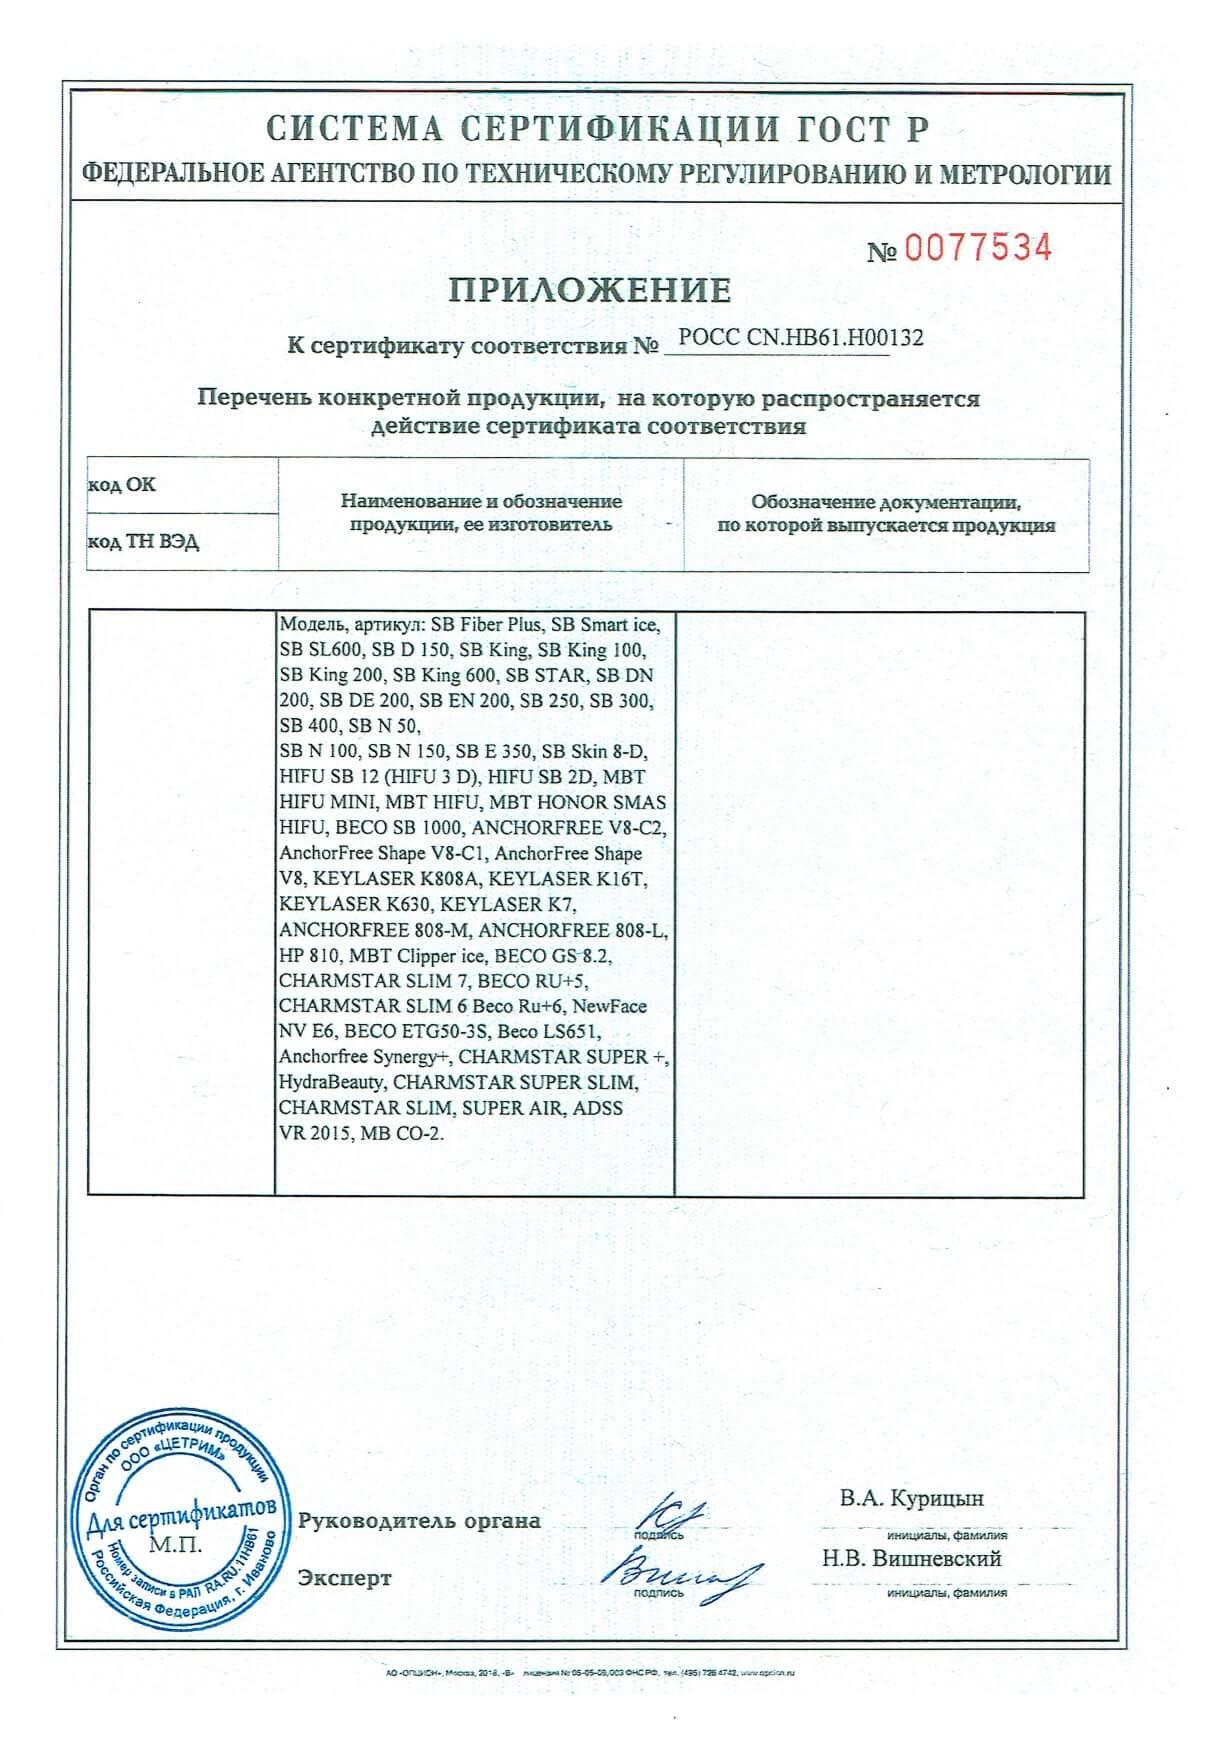 сертификат соответствия_3